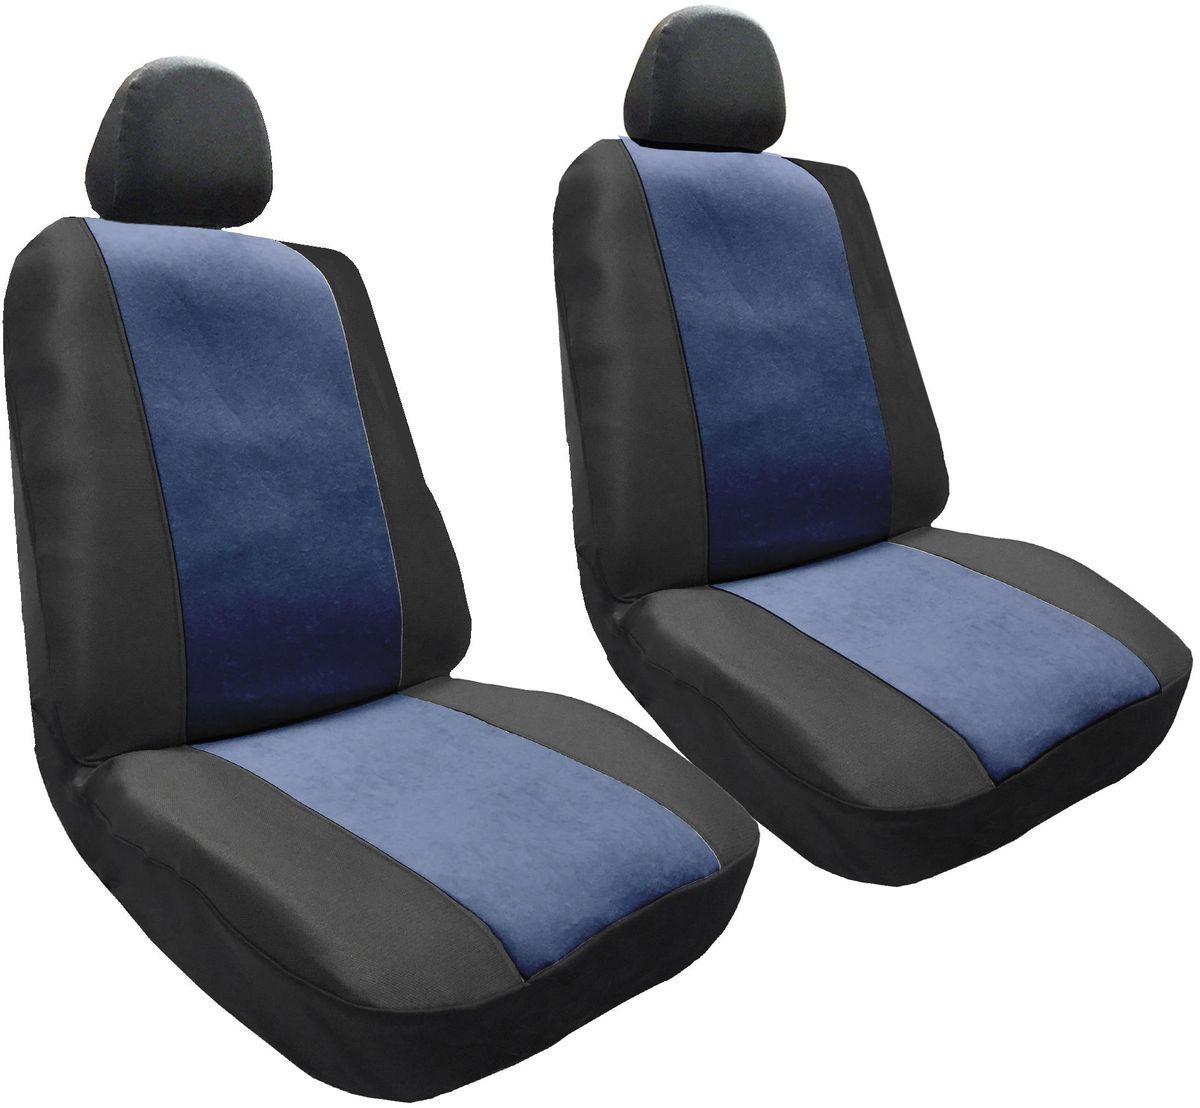 Набор автомобильных чехлов Auto Premium Корвет, цвет: черный, синий, 4 предмета21395599Комплект универсальных чехлов Auto Premium Корвет выполнен из велюра. Предназначен для передних кресел автомобиля. В комплект входят съемные чехлы для подголовников. Практичный и долговечный комплект чехлов для передних сидений надежно защищает сиденье водителя и пассажира от механических повреждений, загрязнений и износа.